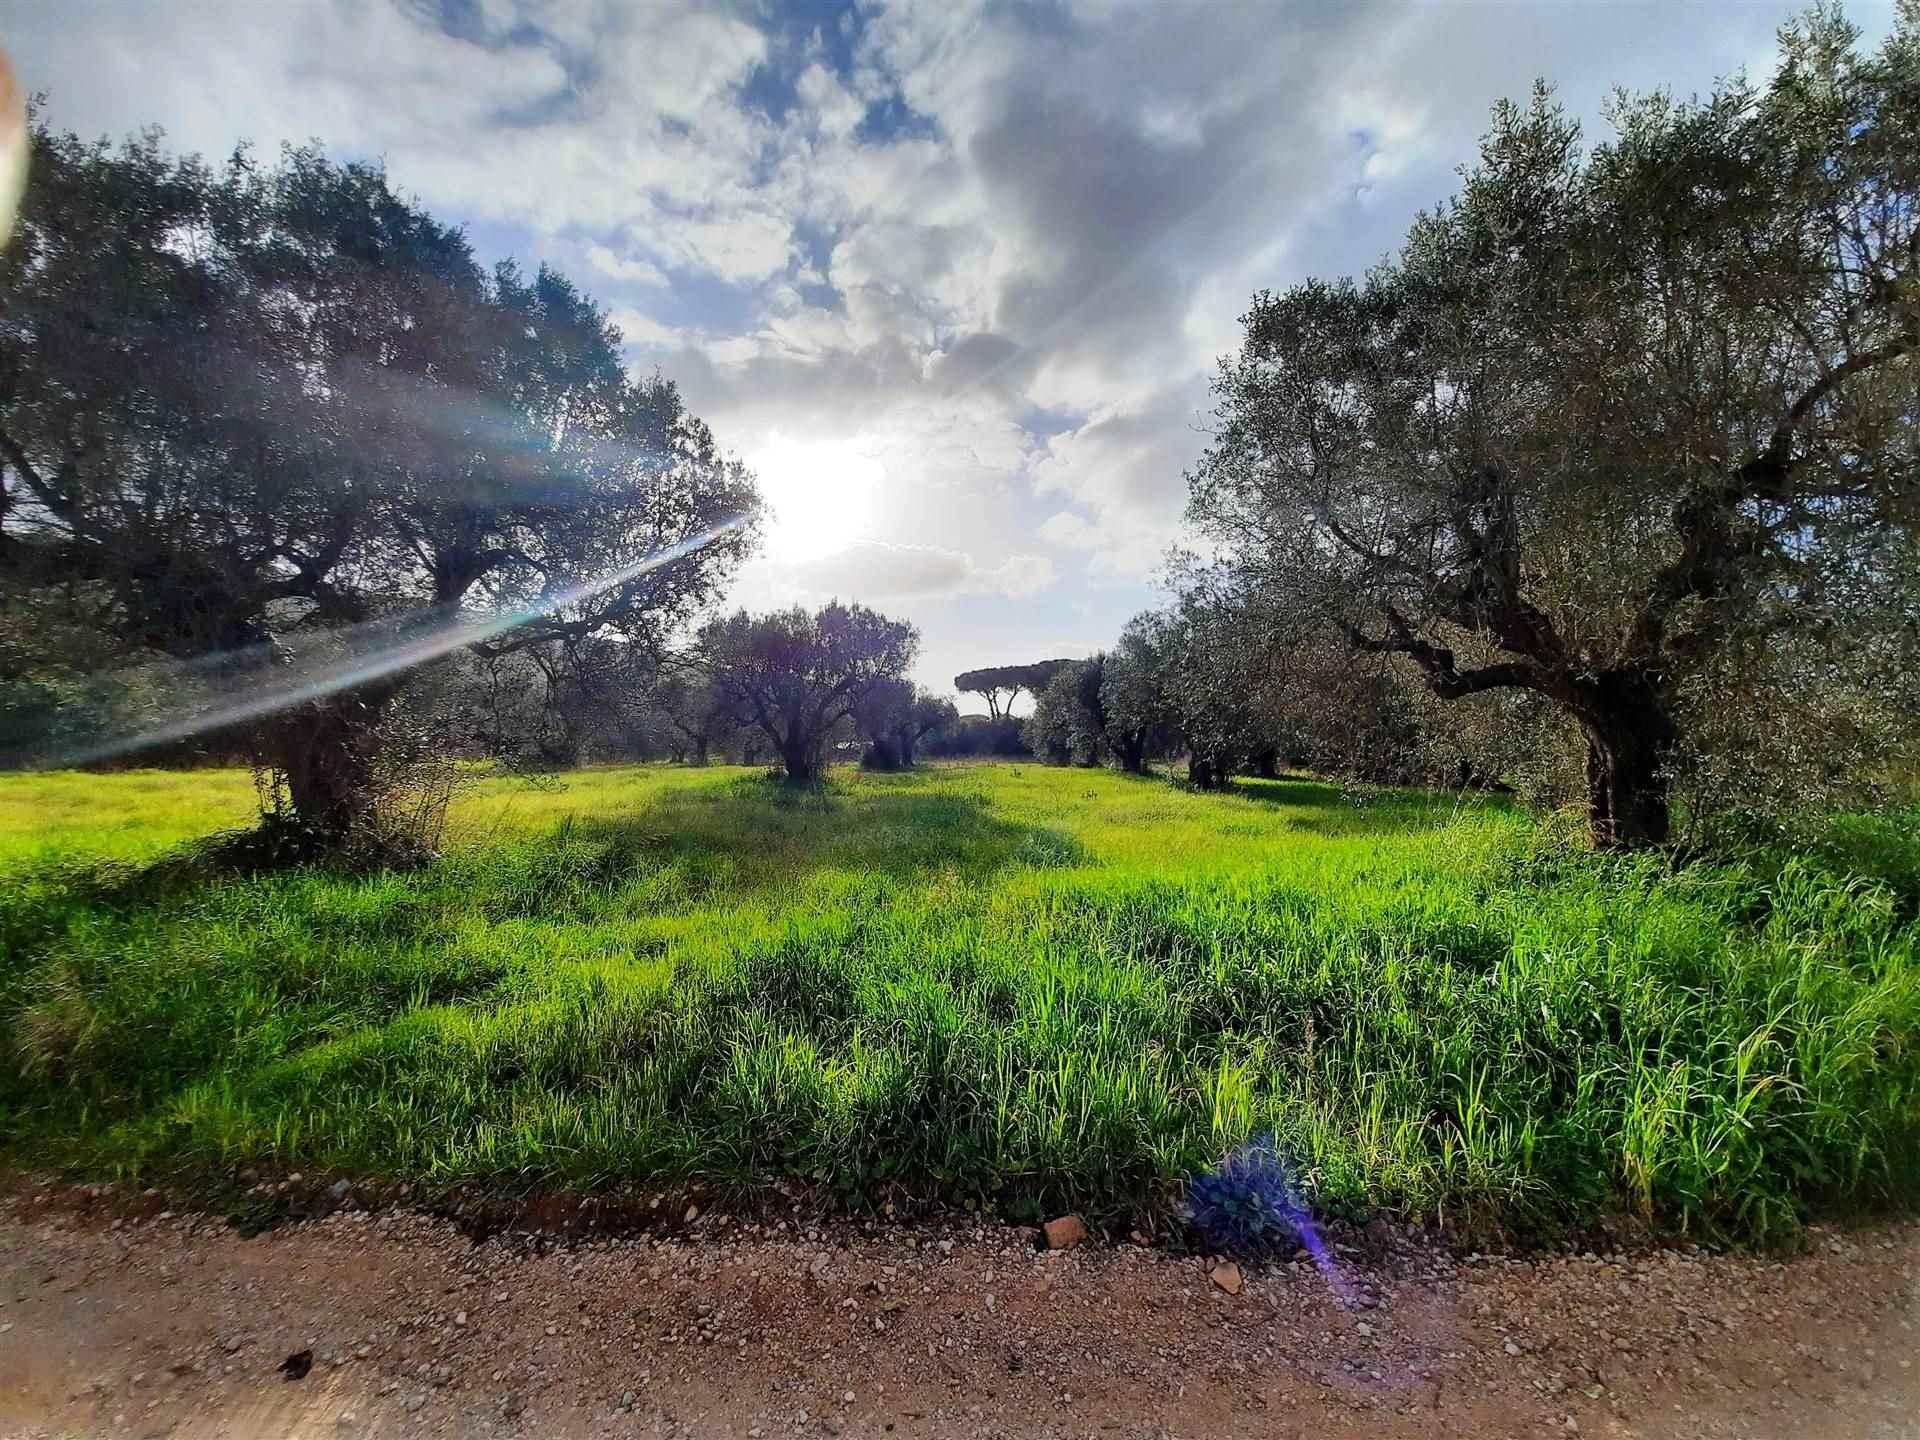 Terreno Agricolo in vendita a Orbetello, 9999 locali, zona Località: QUATTRO STRADE, prezzo € 55.000 | CambioCasa.it